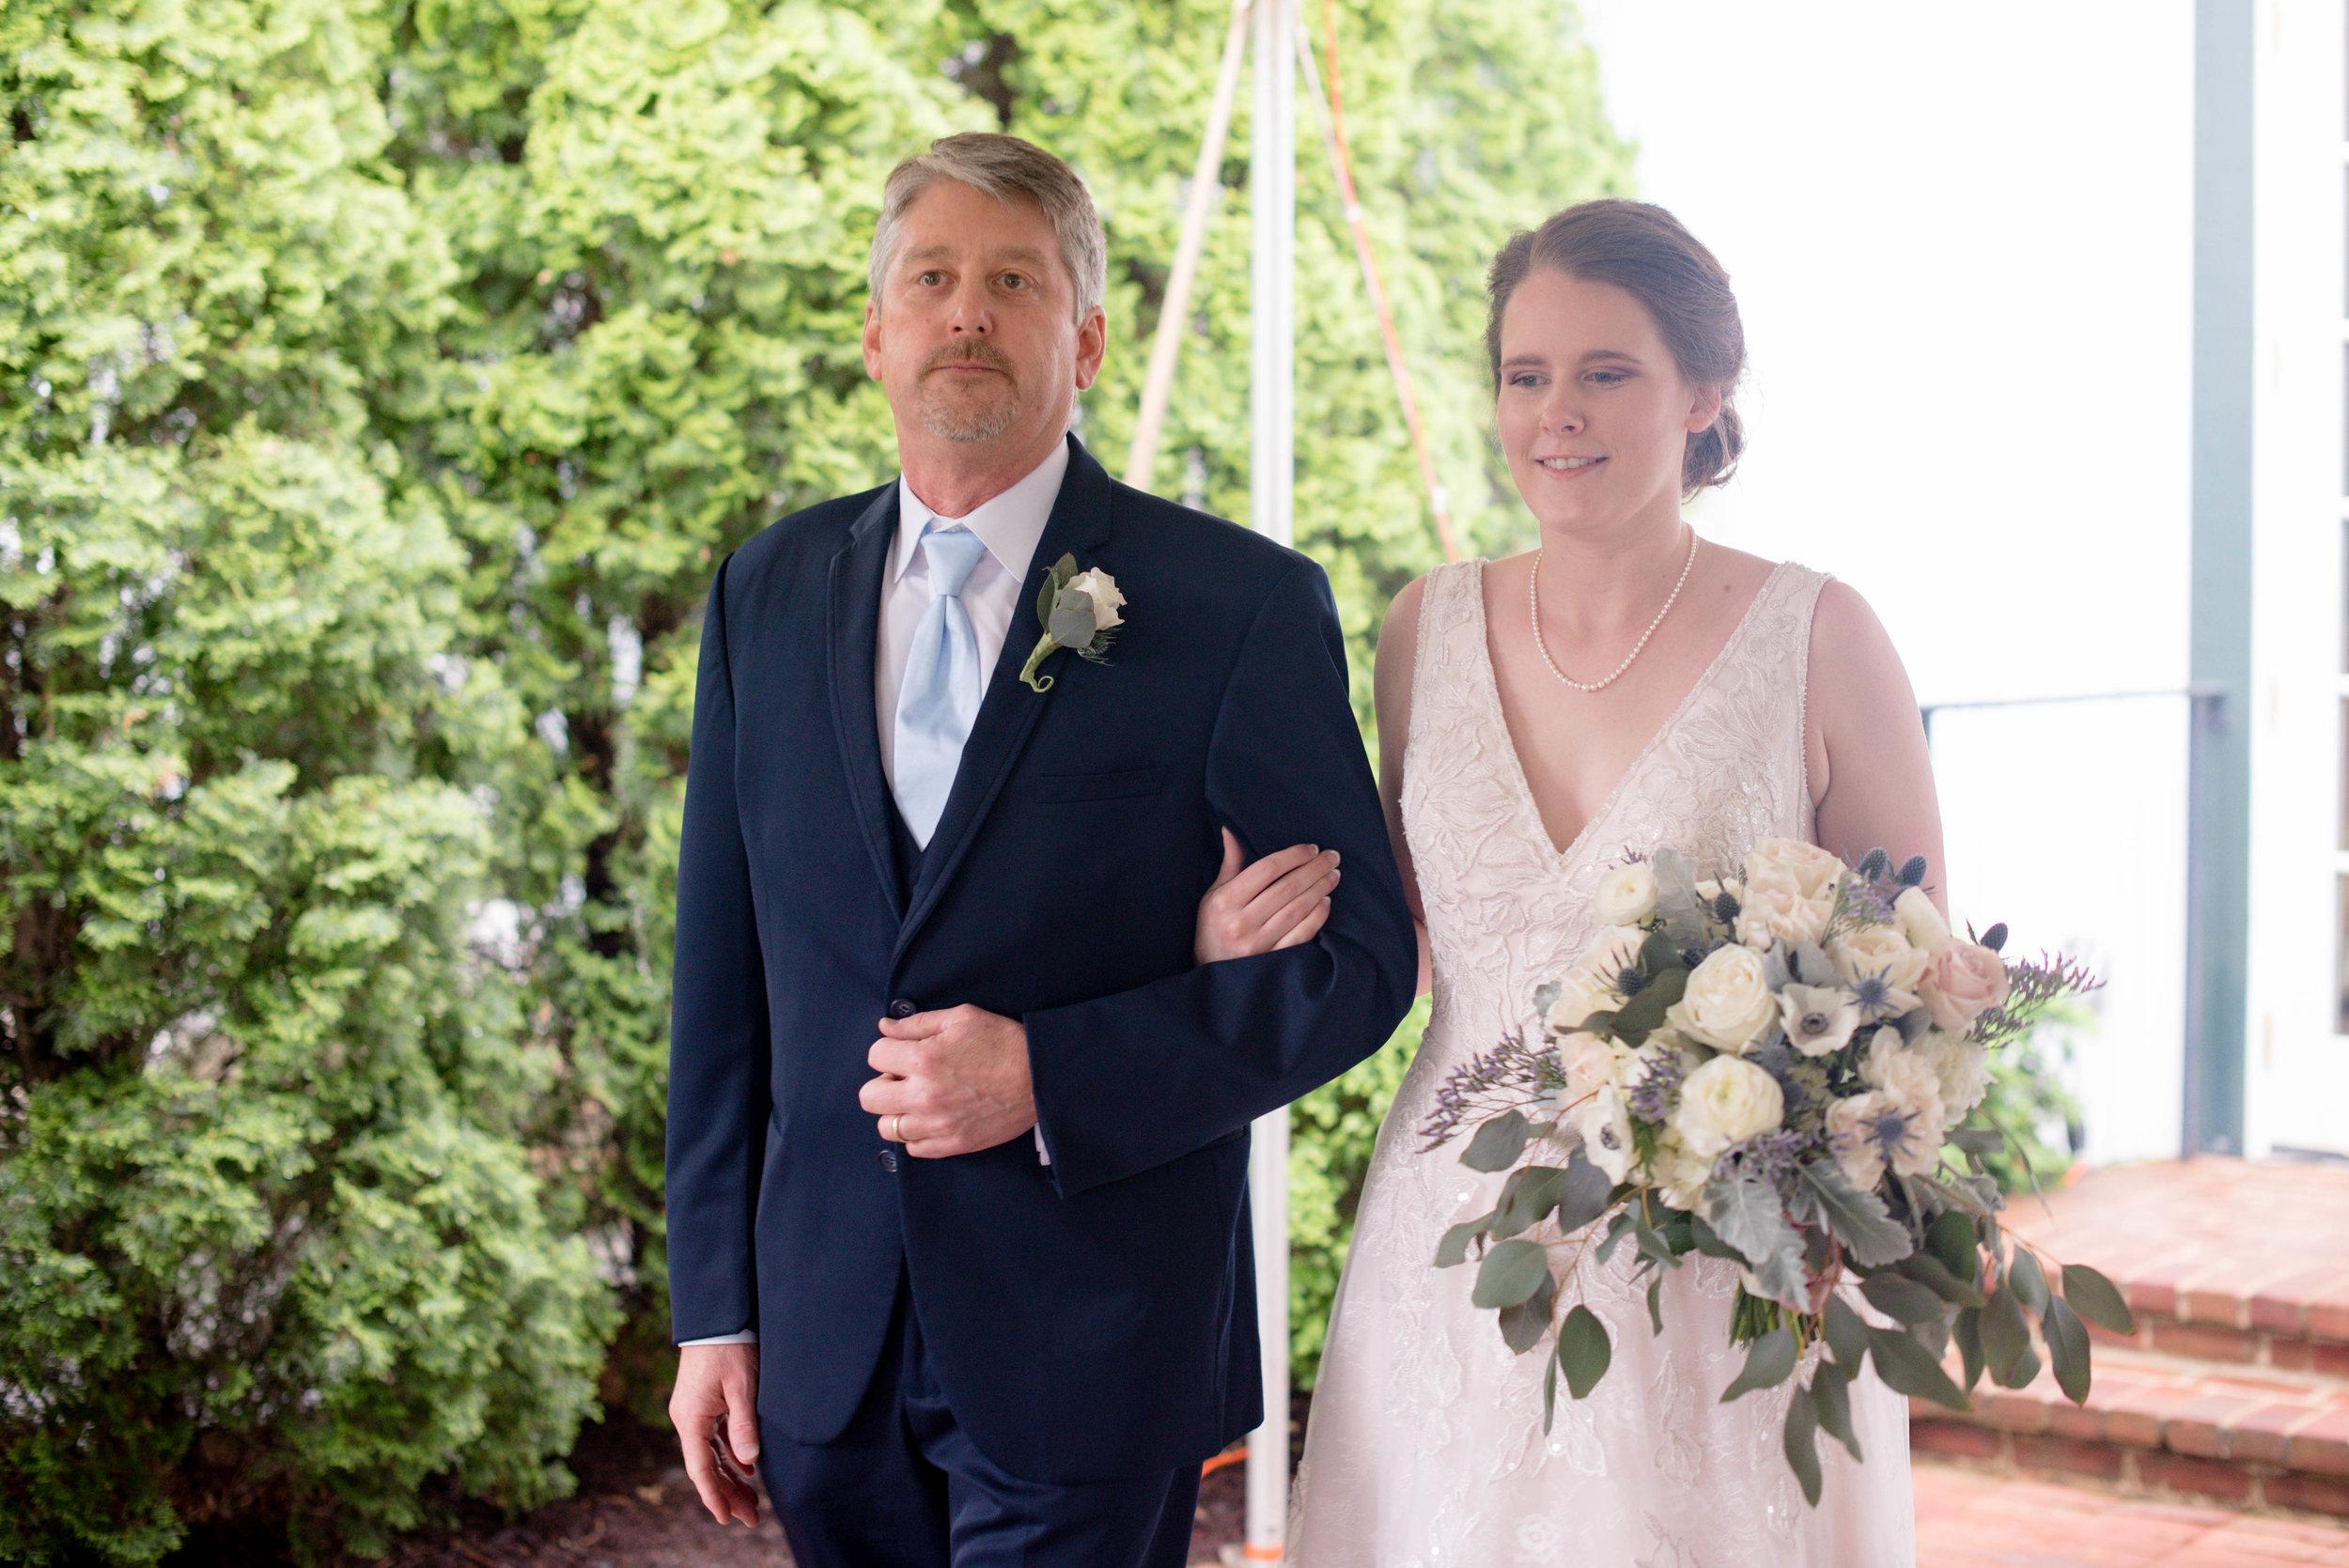 blue-ridge-wedding-ashley-nicole-photography-restoration-hall-crozetphotography-restorationhall-charlottesville-wedding_ceremony-29.jpg